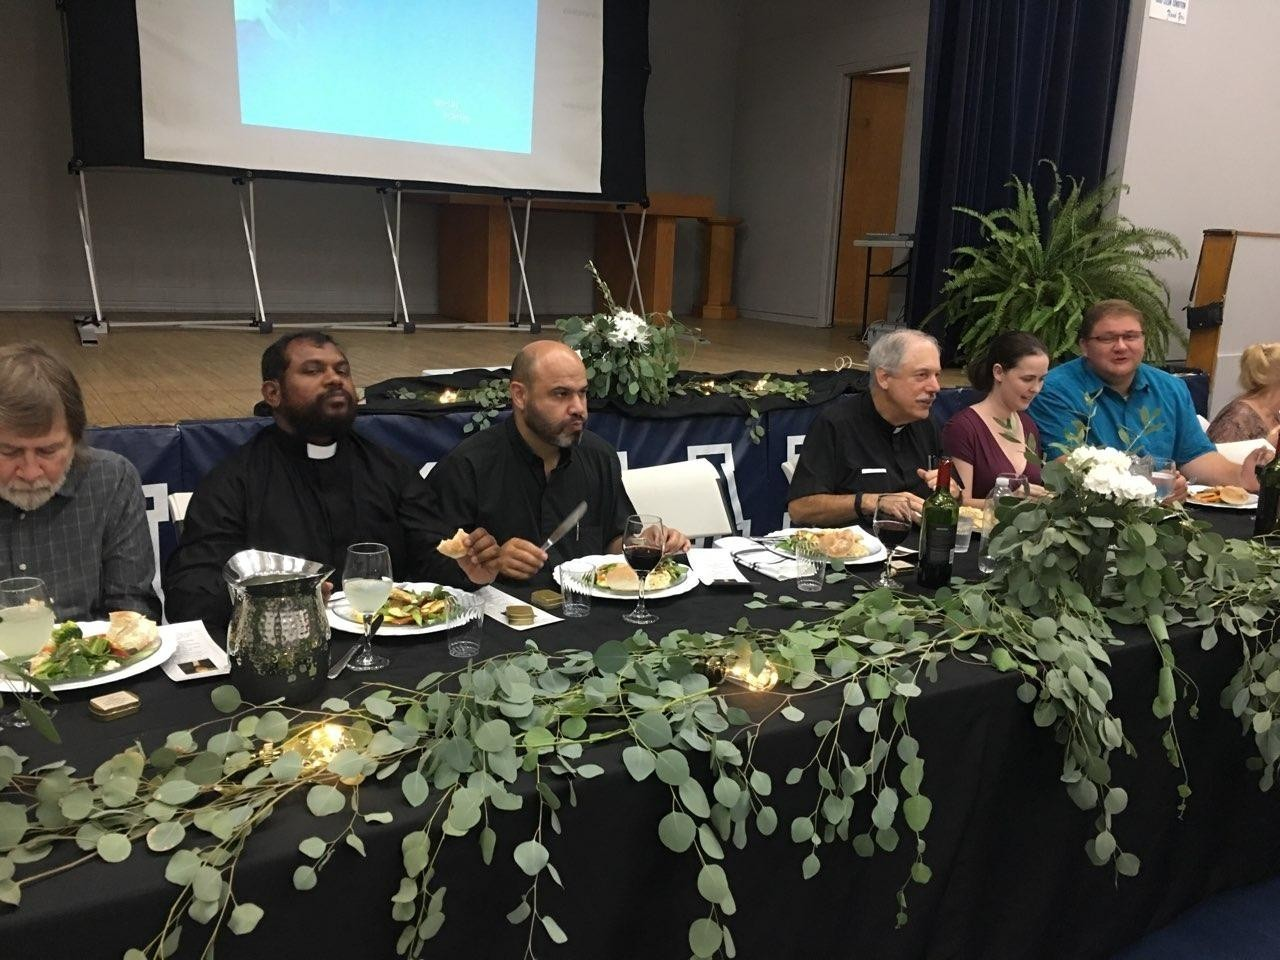 Fr. Pat Dinner